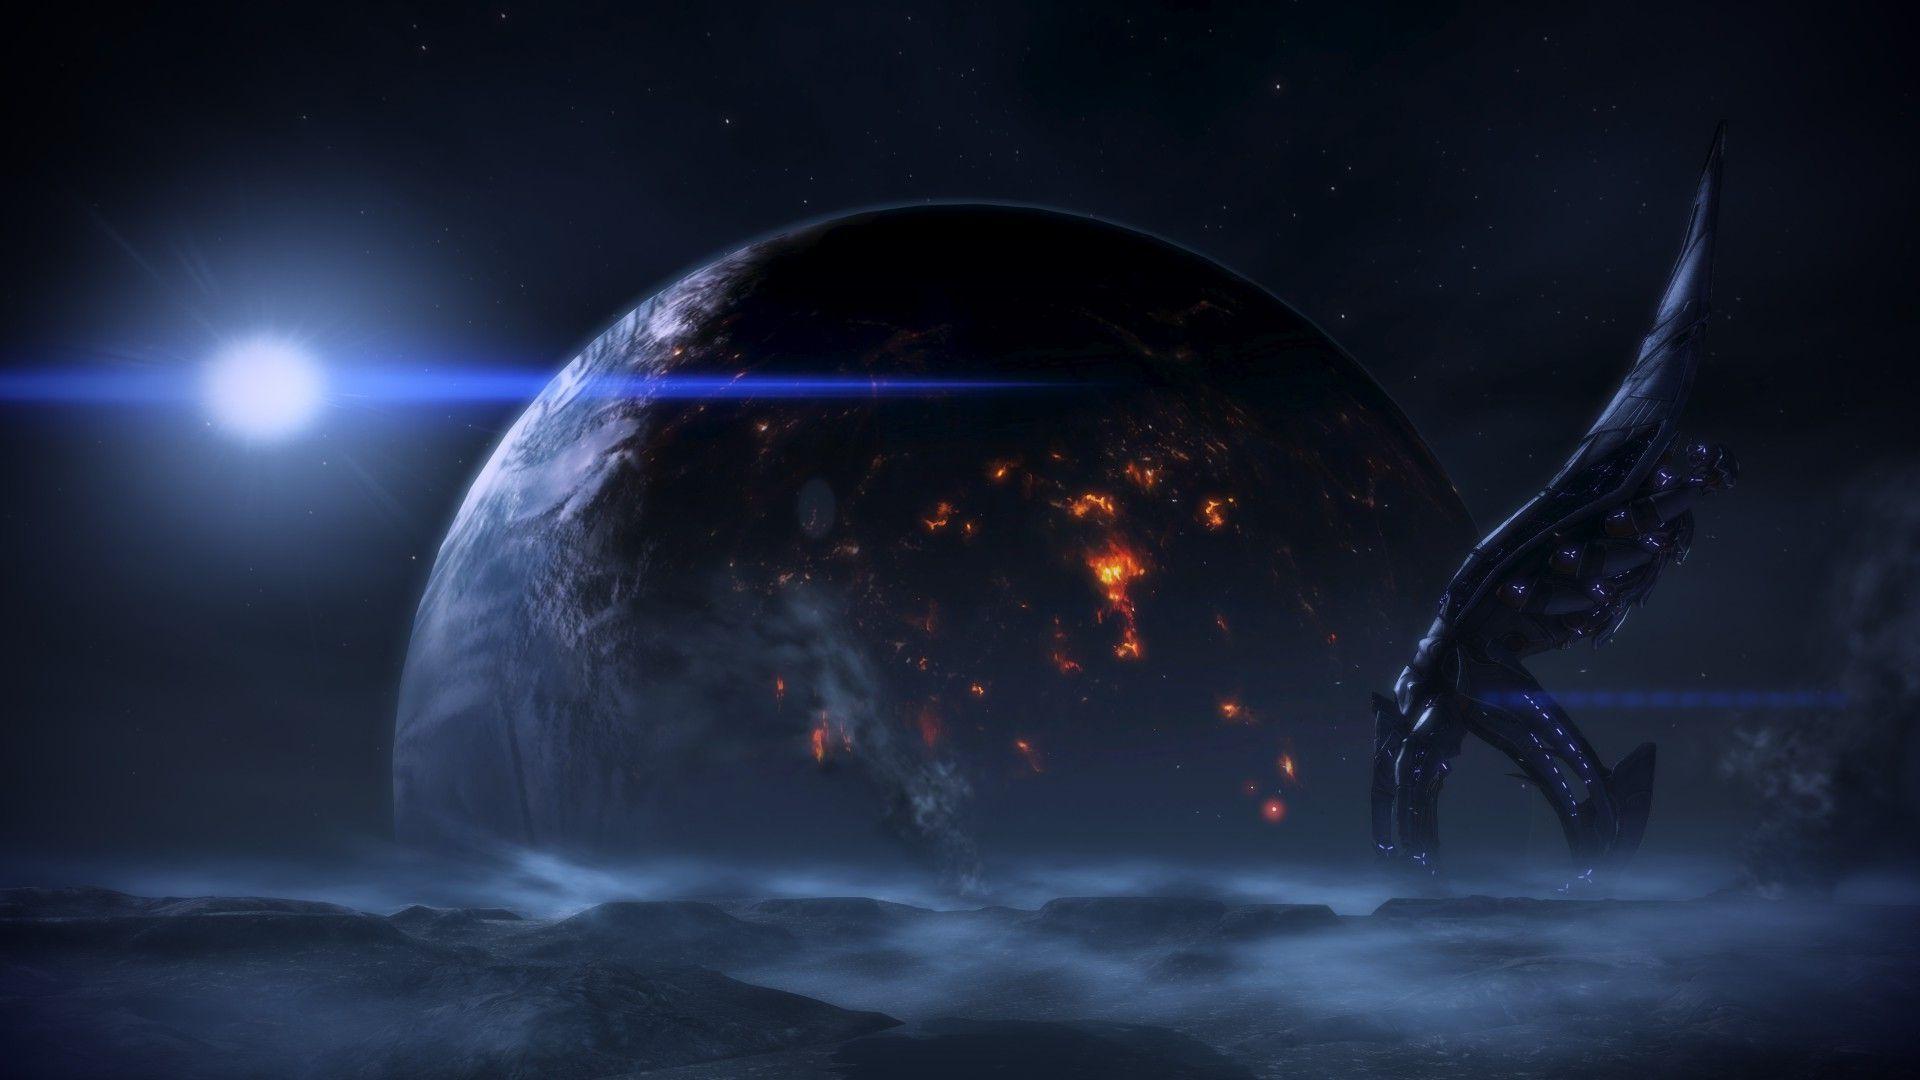 Mass Effect Hd Desktop Wallpapers For Desktop Wallpaper Wallpaper